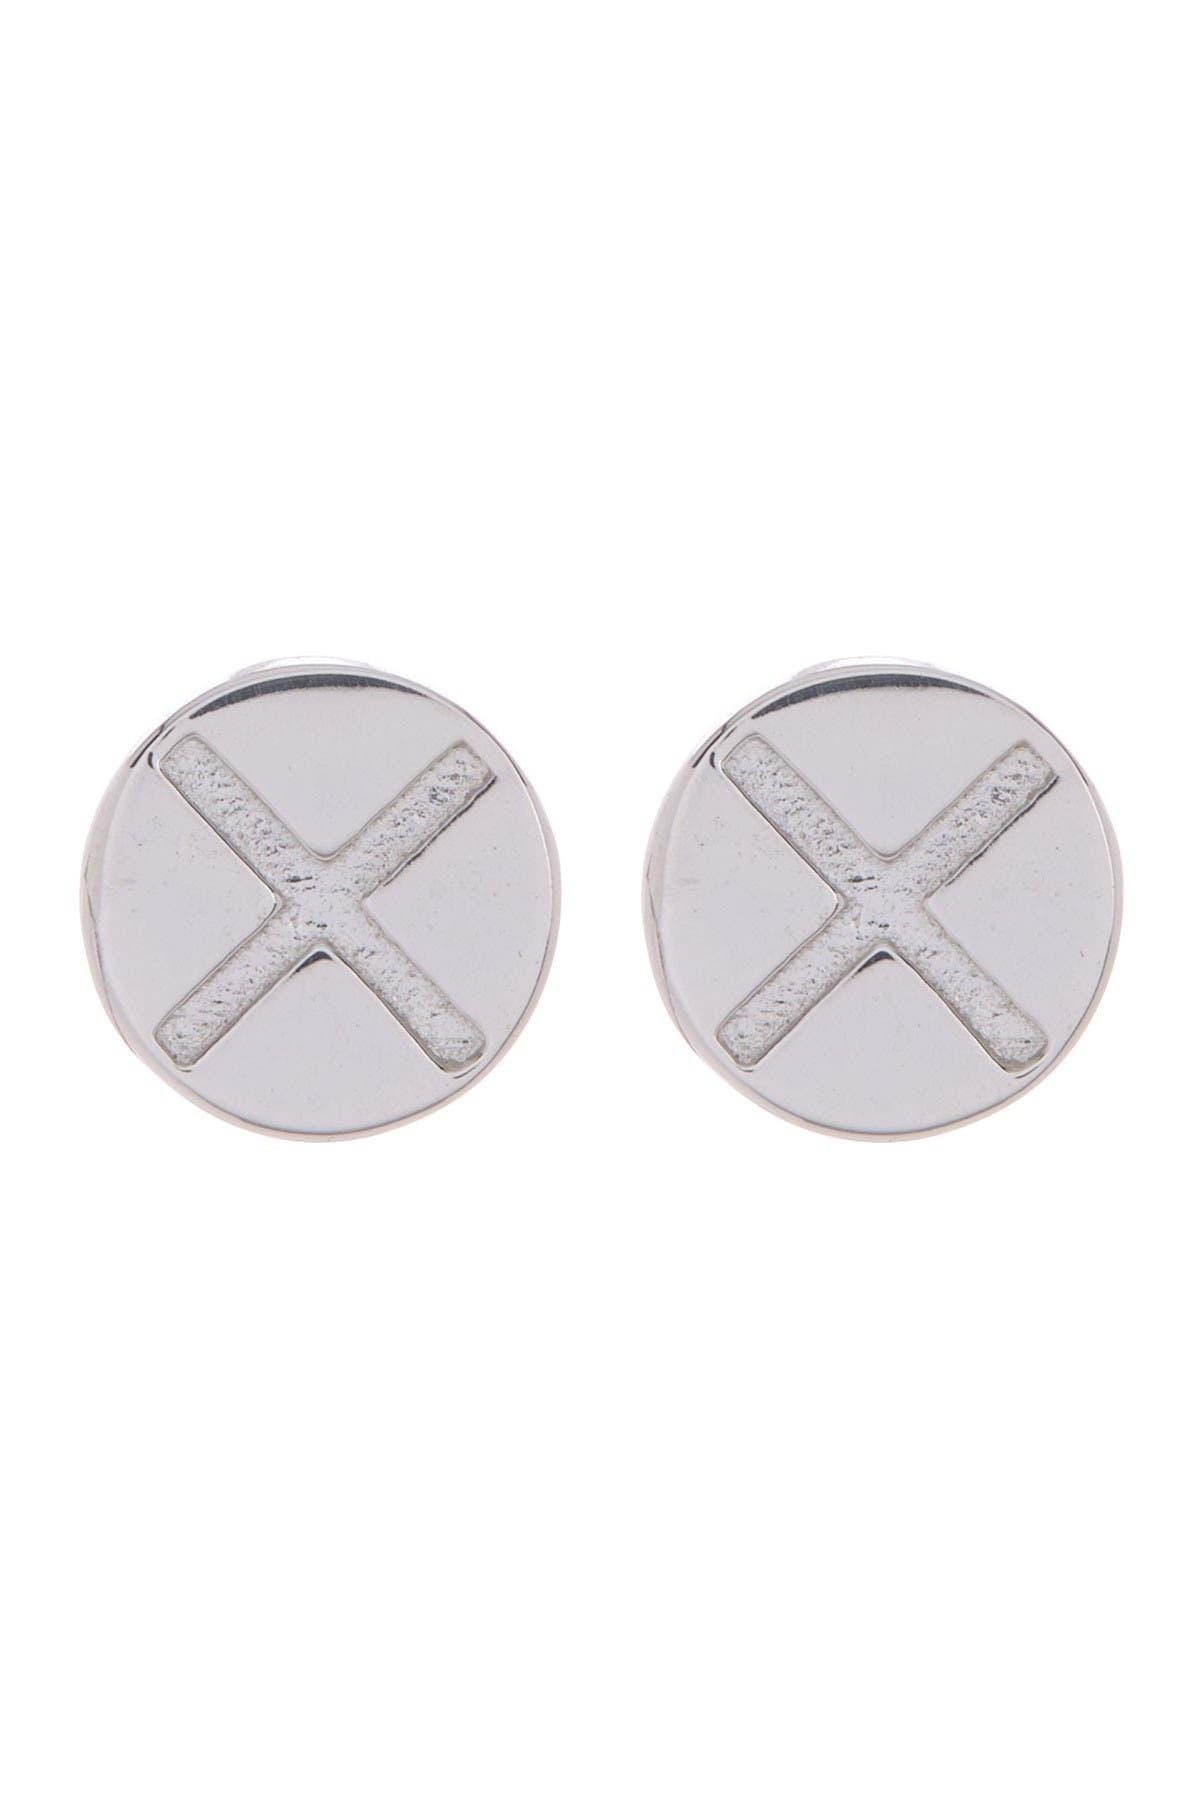 Image of Jac+Jo X-Bolt Stud Earrings